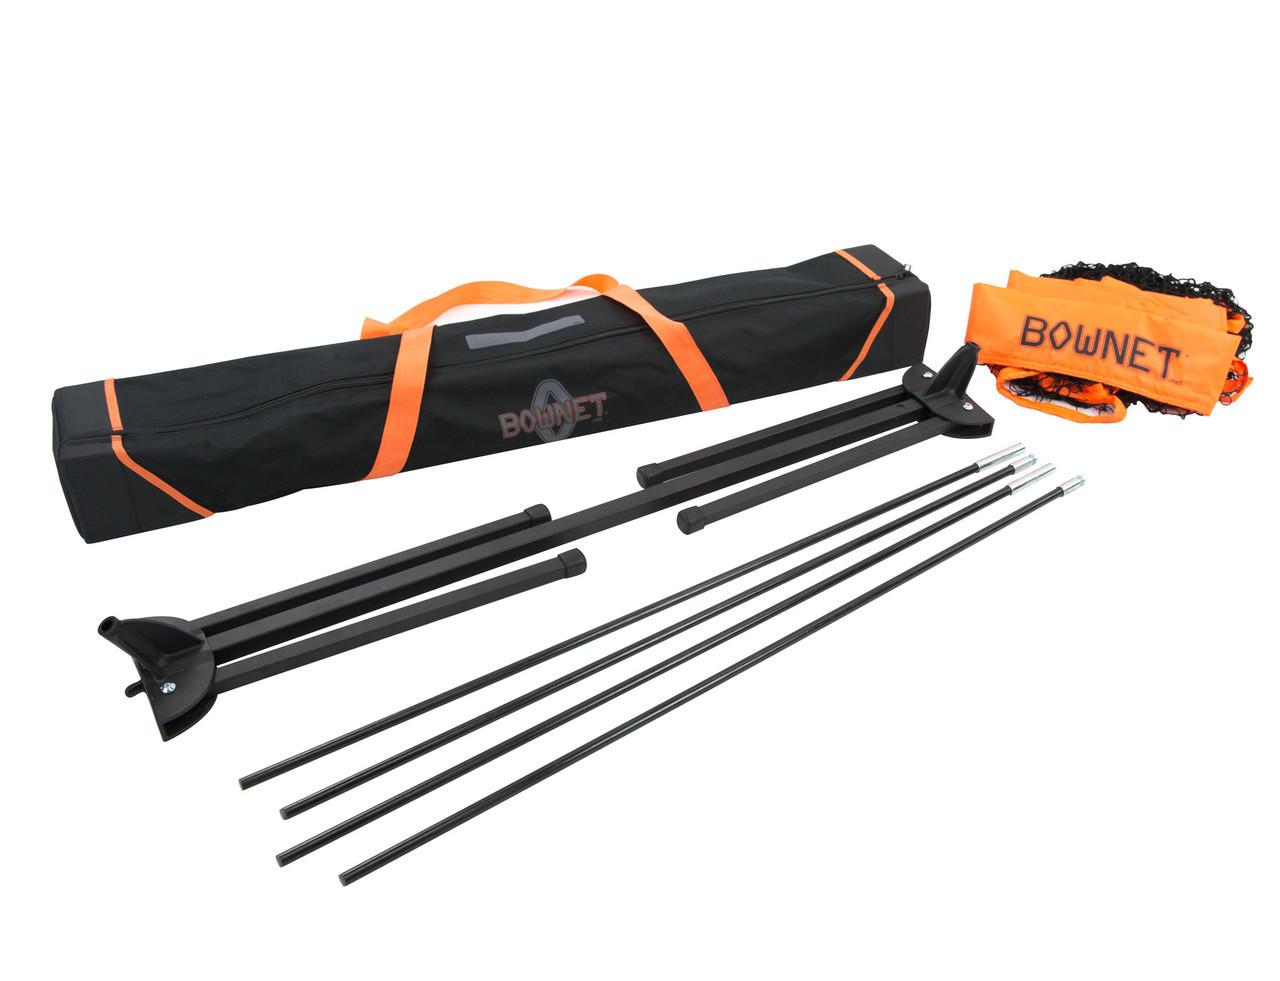 Bownet Portable Big Mouth X Sports Net (BOWBMX)